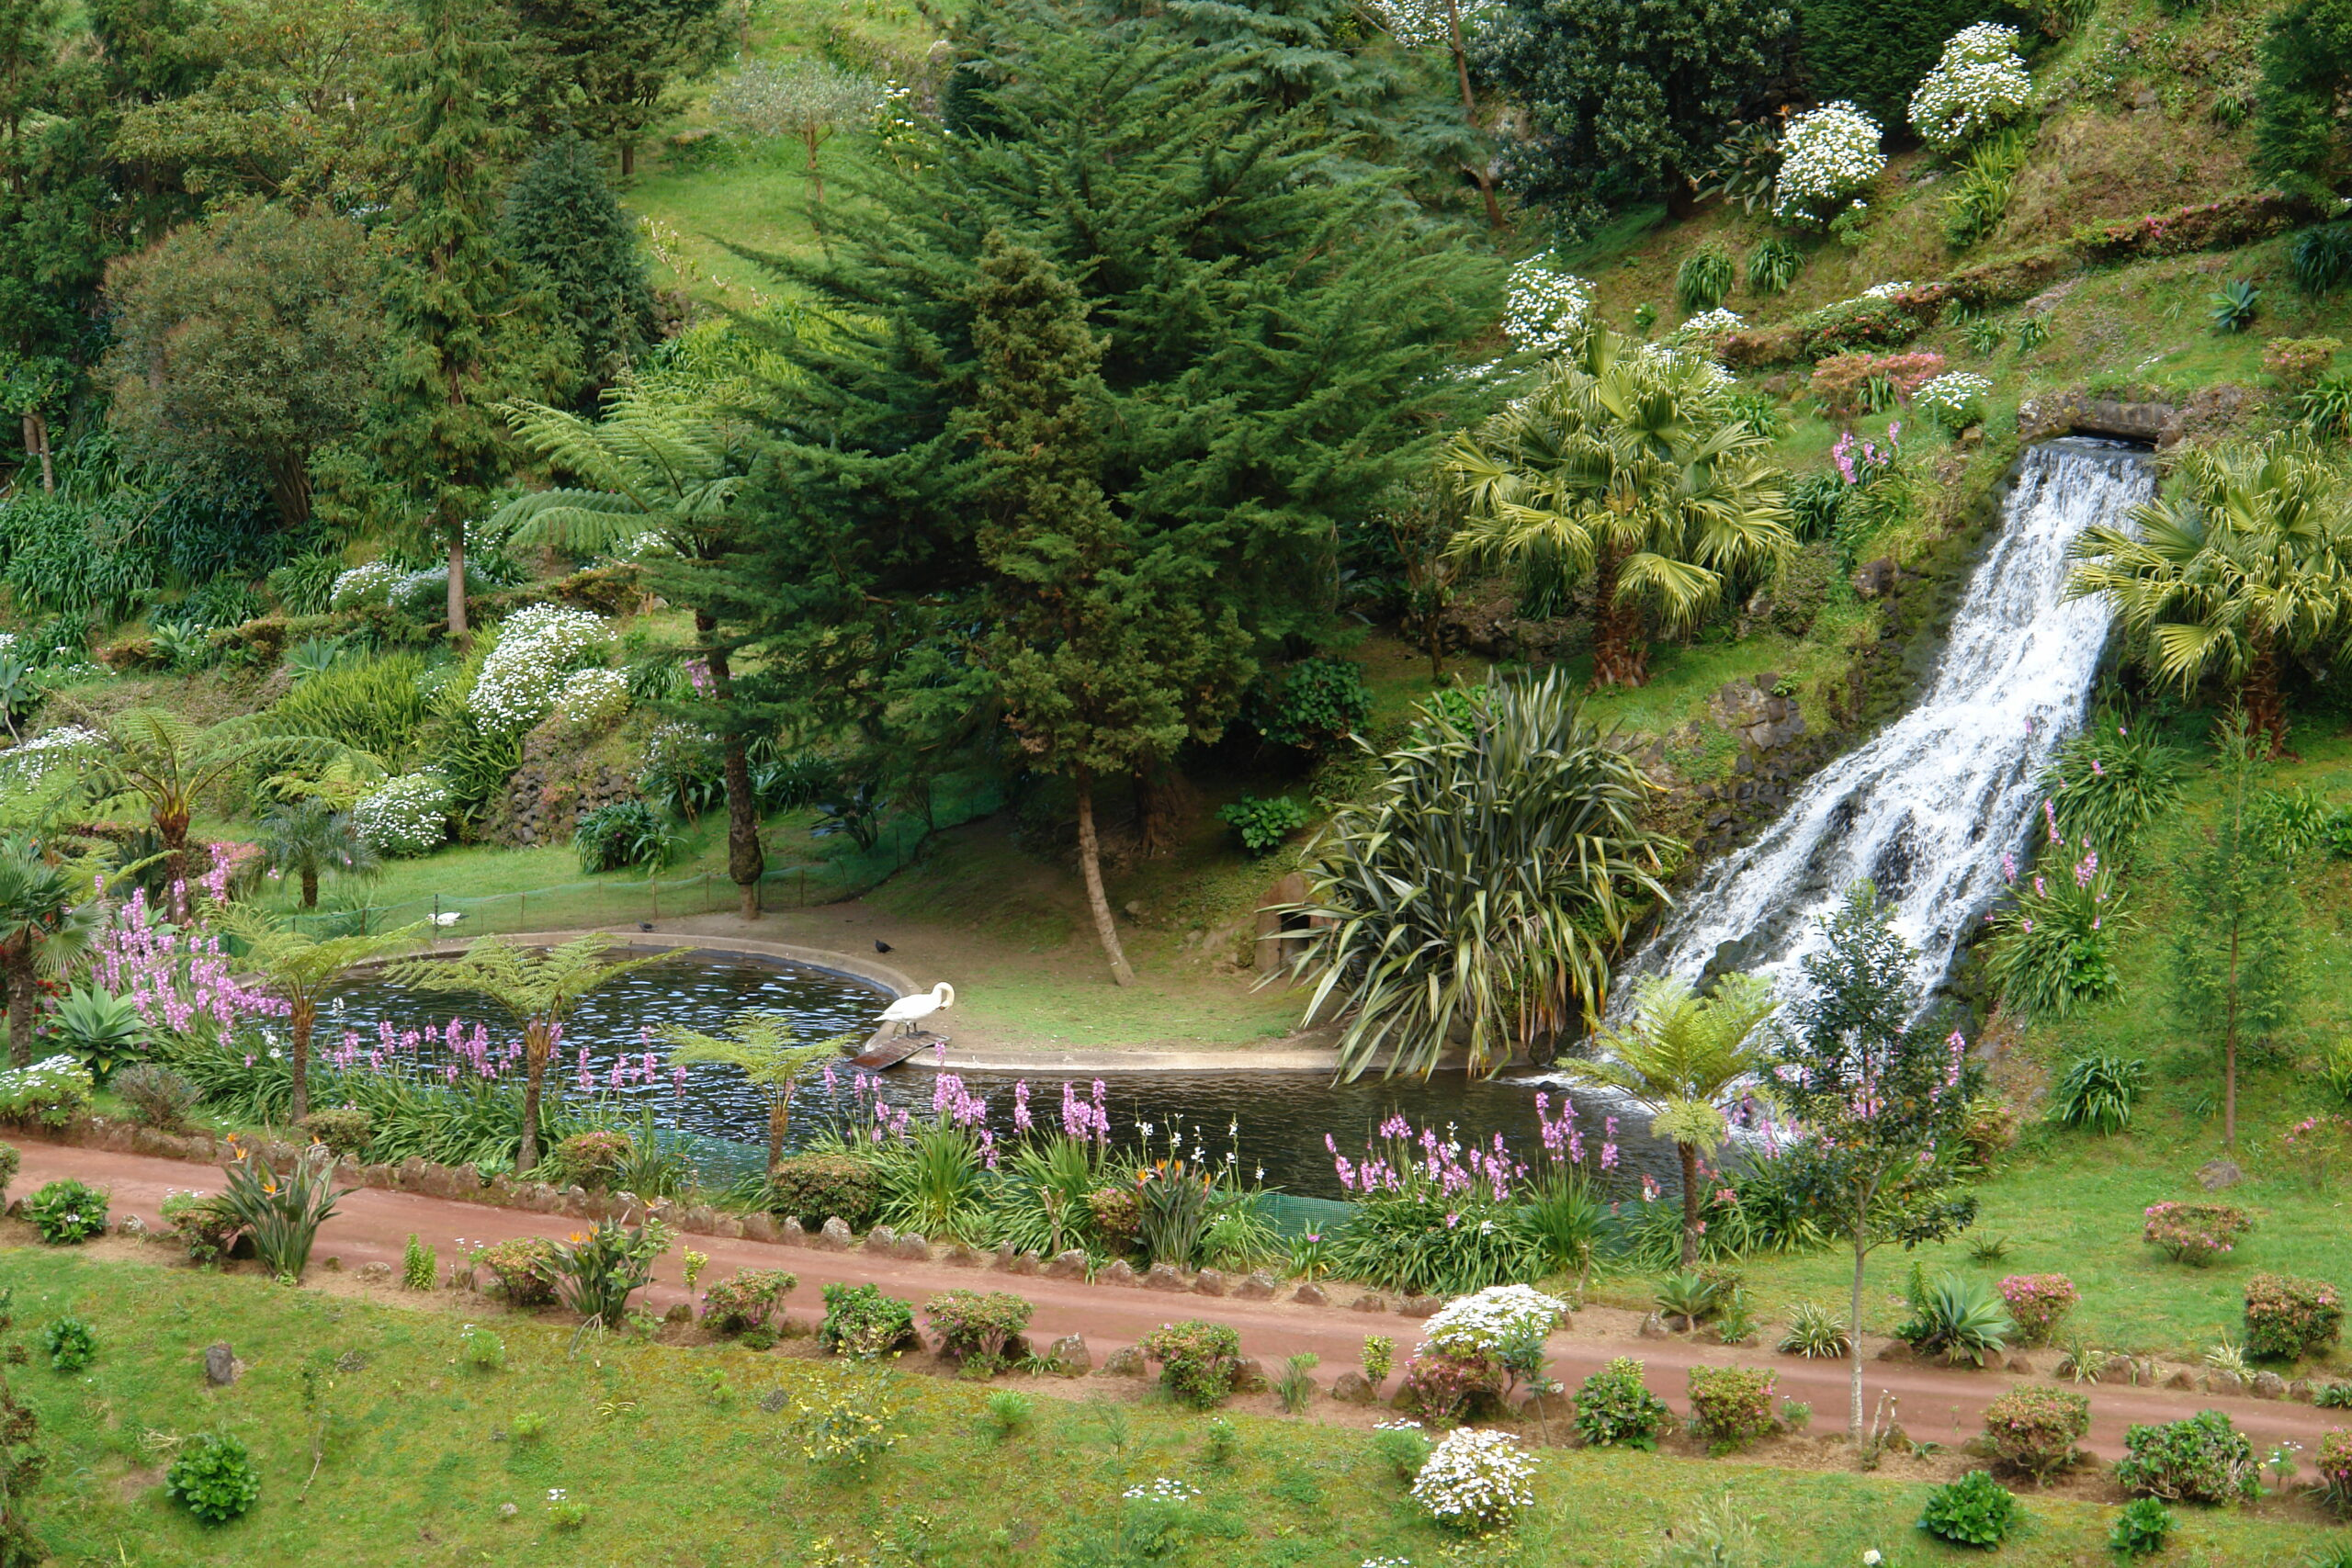 Parque Ribeira do Guilherme, São Miguel - Açores